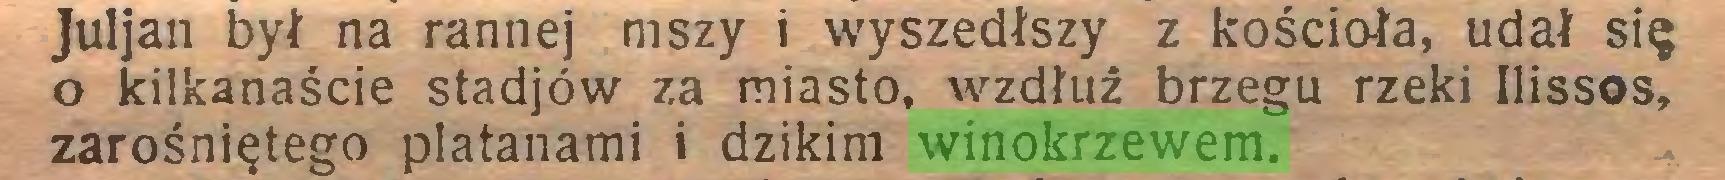 (...) Juljan był na rannej mszy i wyszedłszy z kościoła, udał się 0 kilkanaście stadjów za miasto, wzdłuż brzegu rzeki Ilissos, zarośniętego platanami i dzikim winokrzewem...